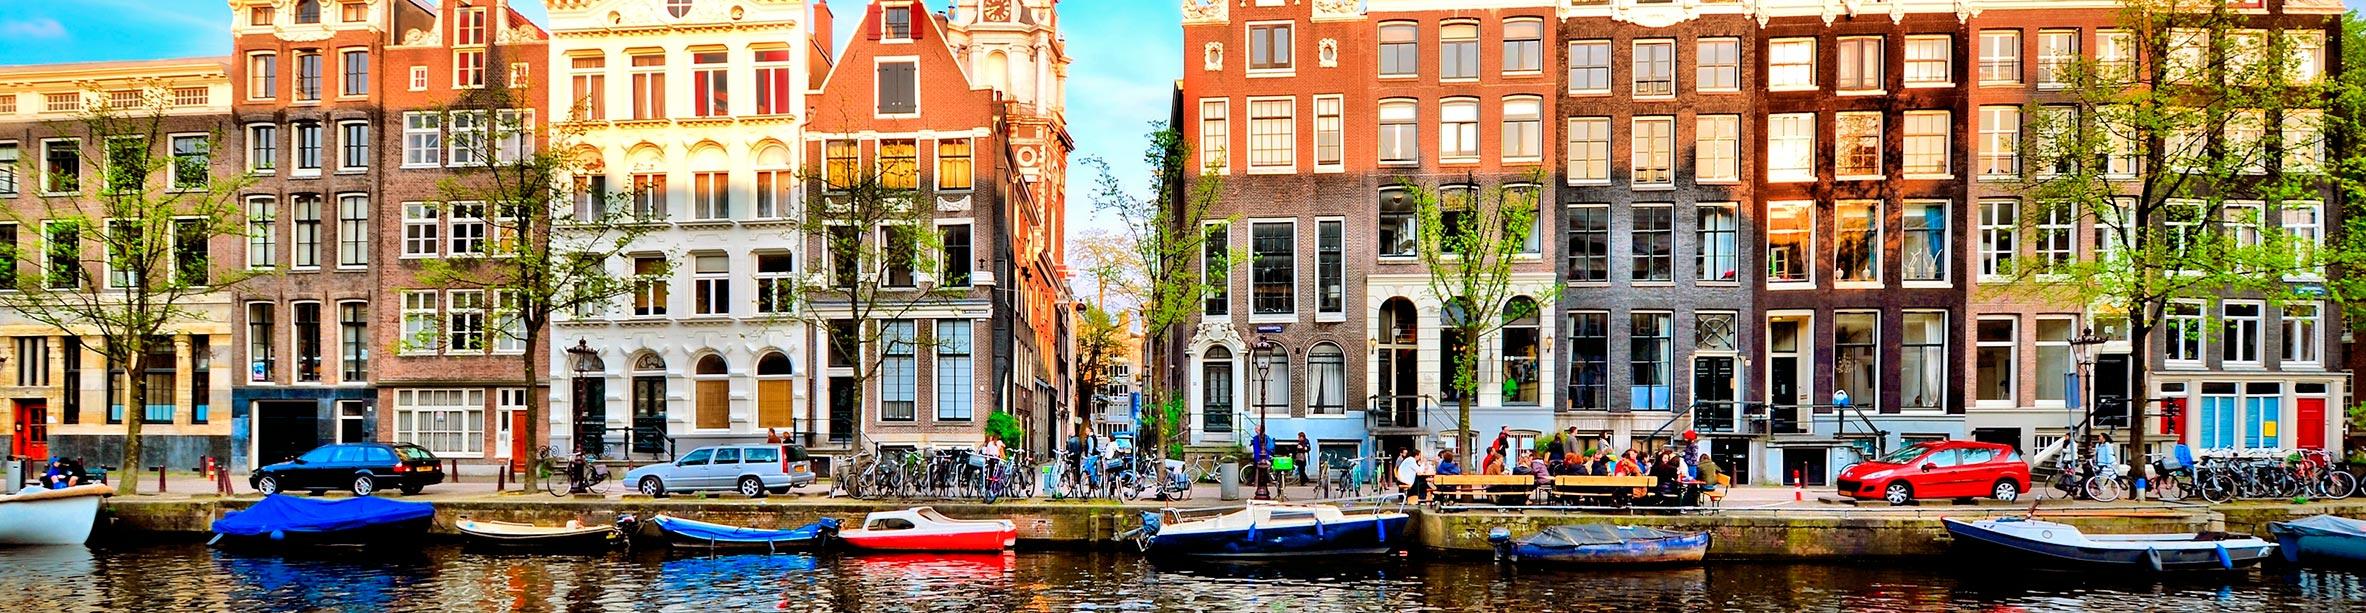 Viaggio Amsterdam - Tour e Vacanza Amsterdam | Boscolo